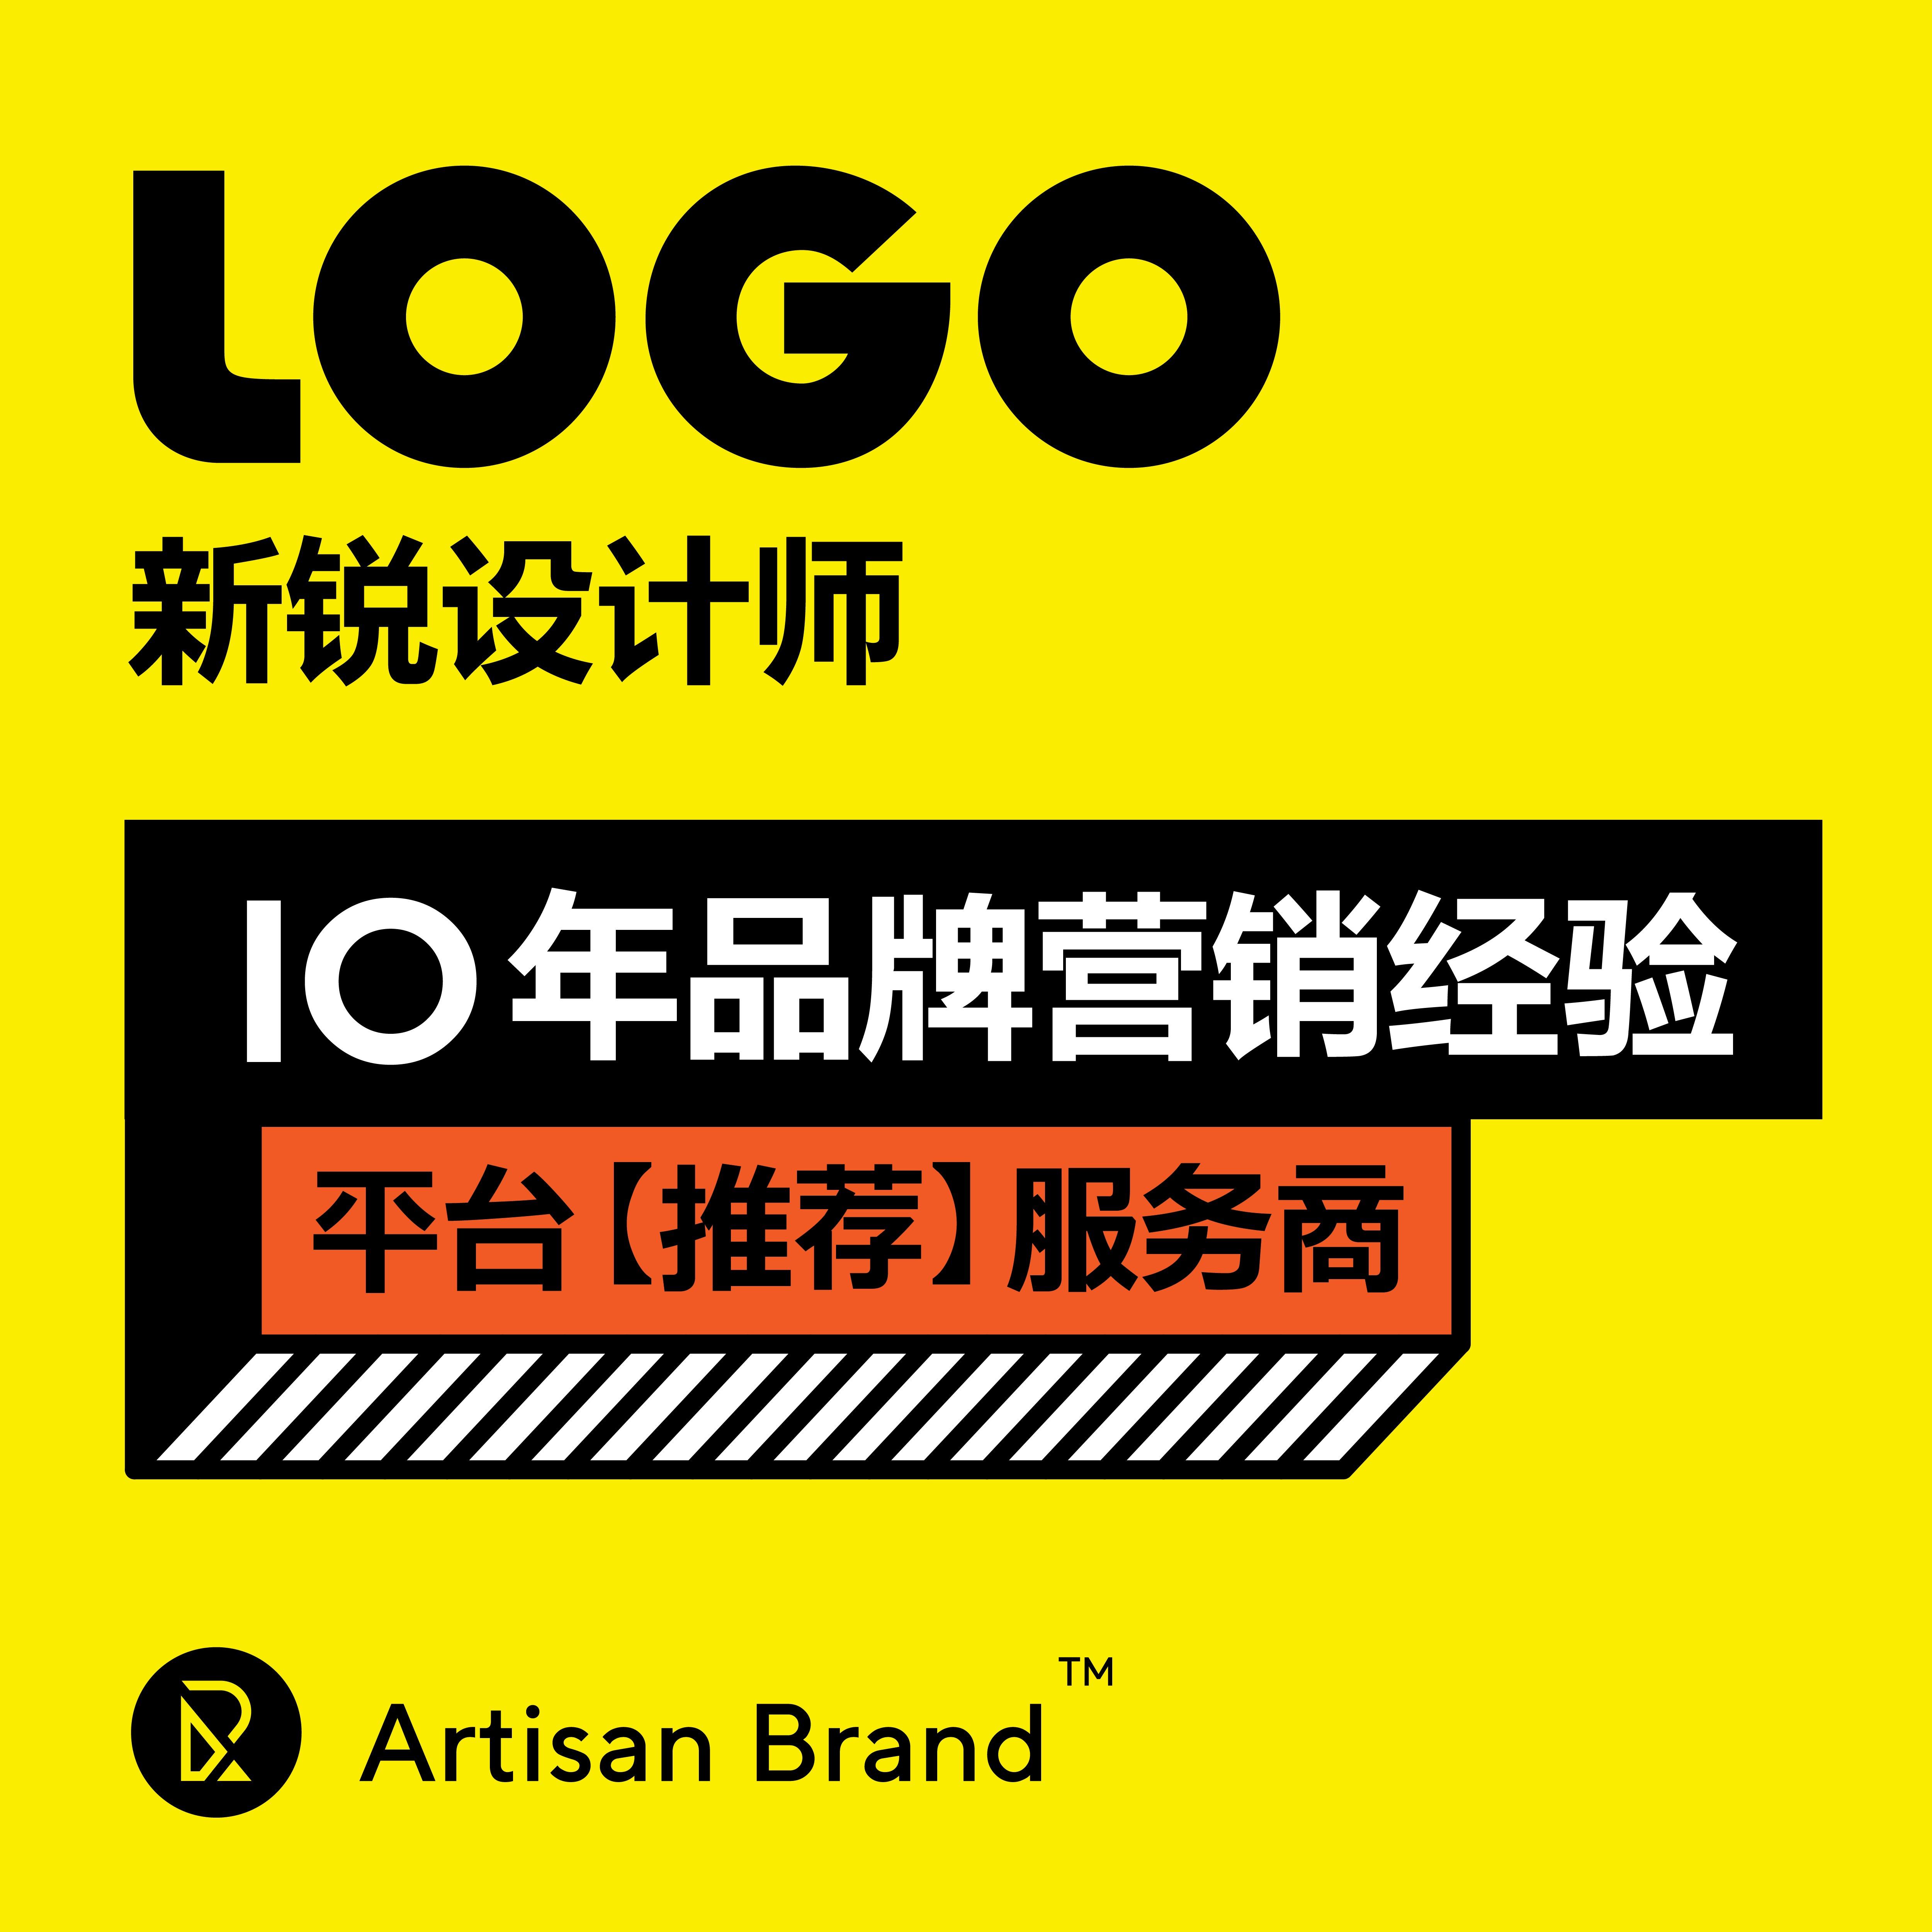 【成交1288次】logo 设计 公司企业标识餐饮教育母婴零售